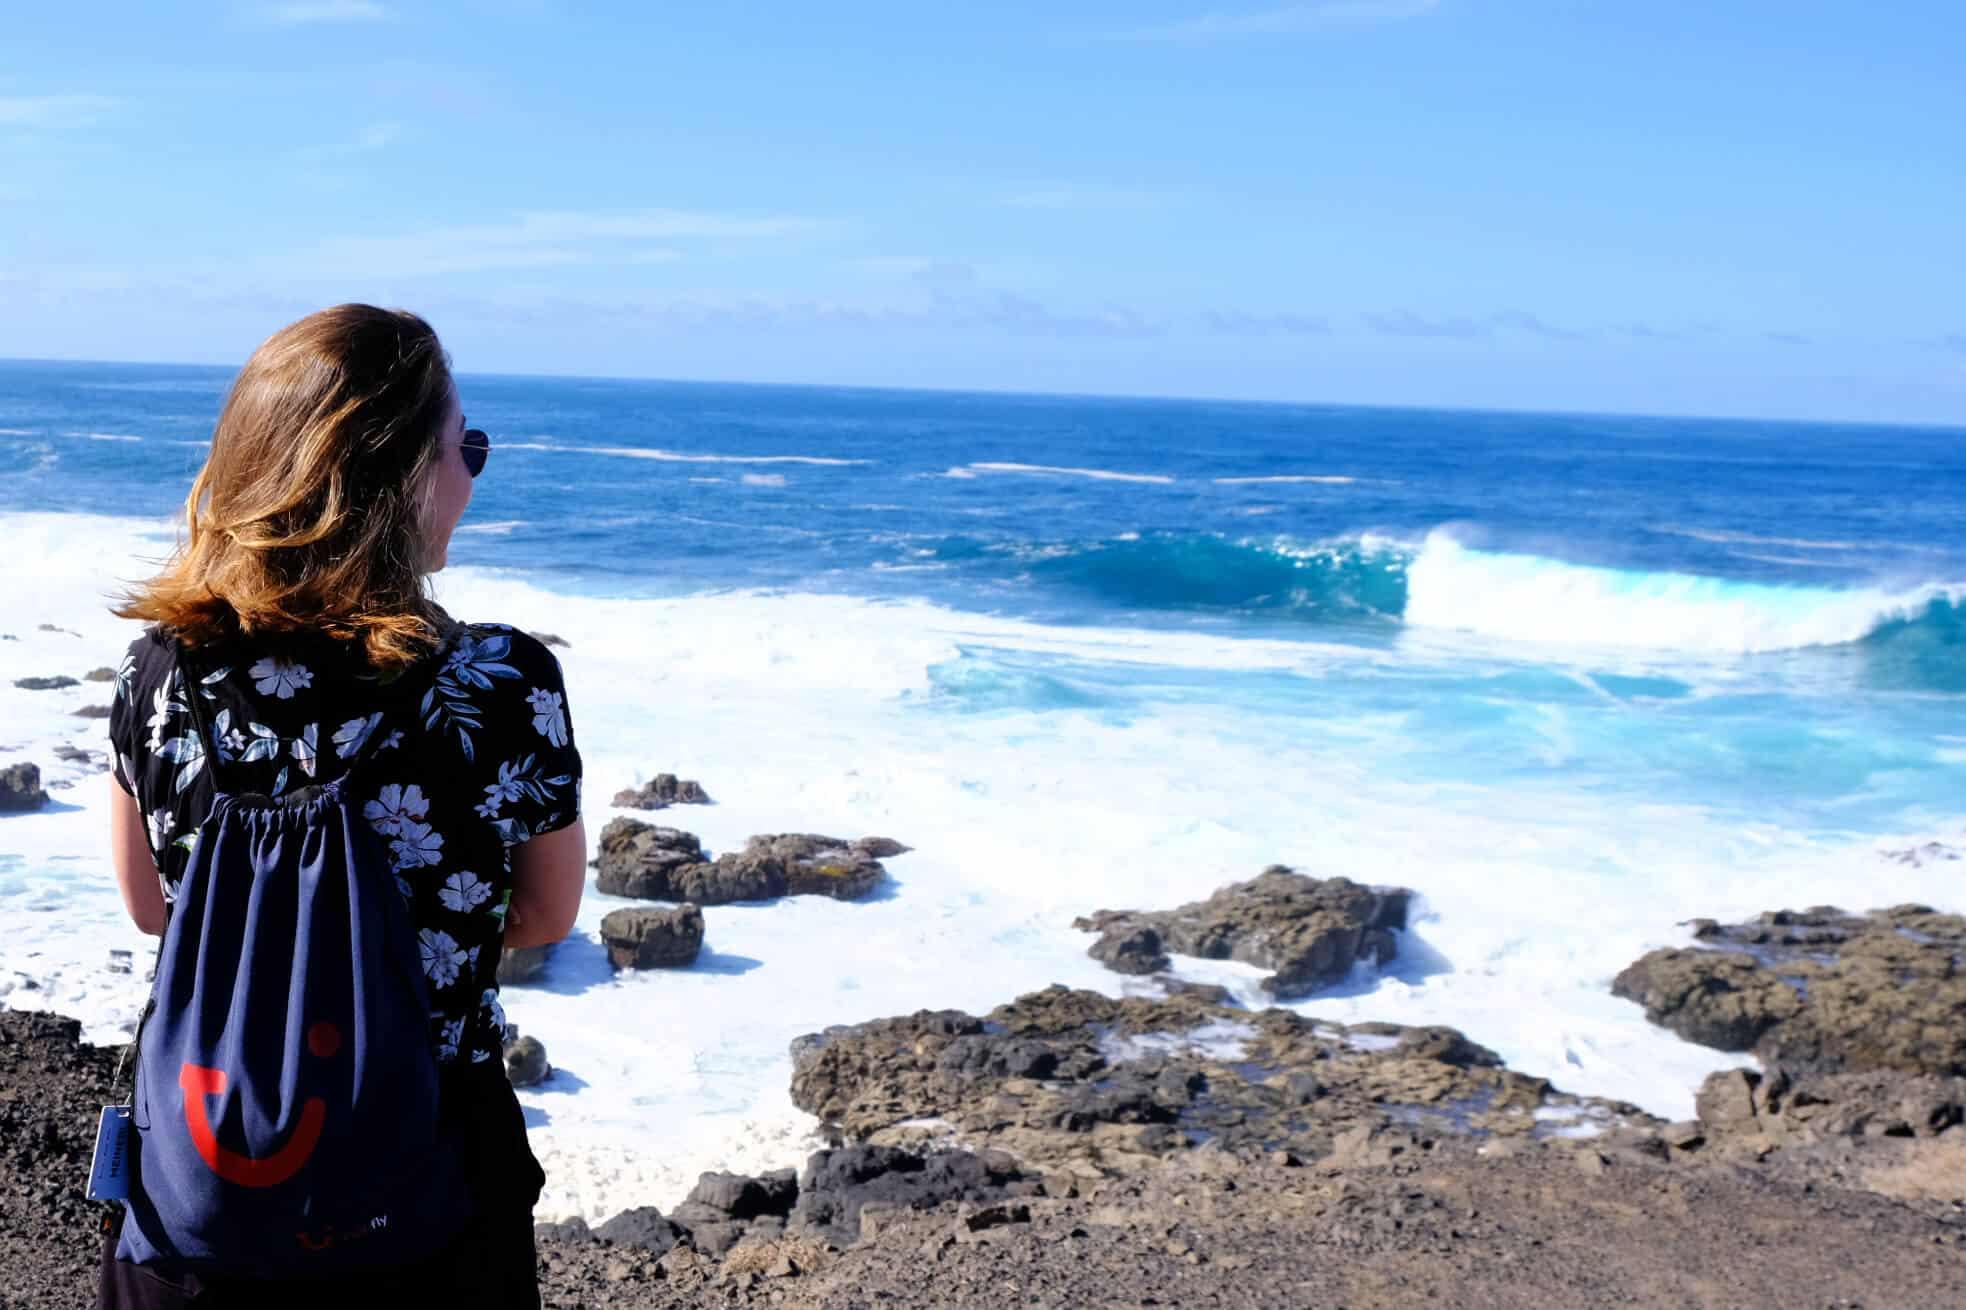 """Der spanische Film """"Solo"""" um einen verletzten Surfer wurde komplett auf Fuerteventura gedreht."""